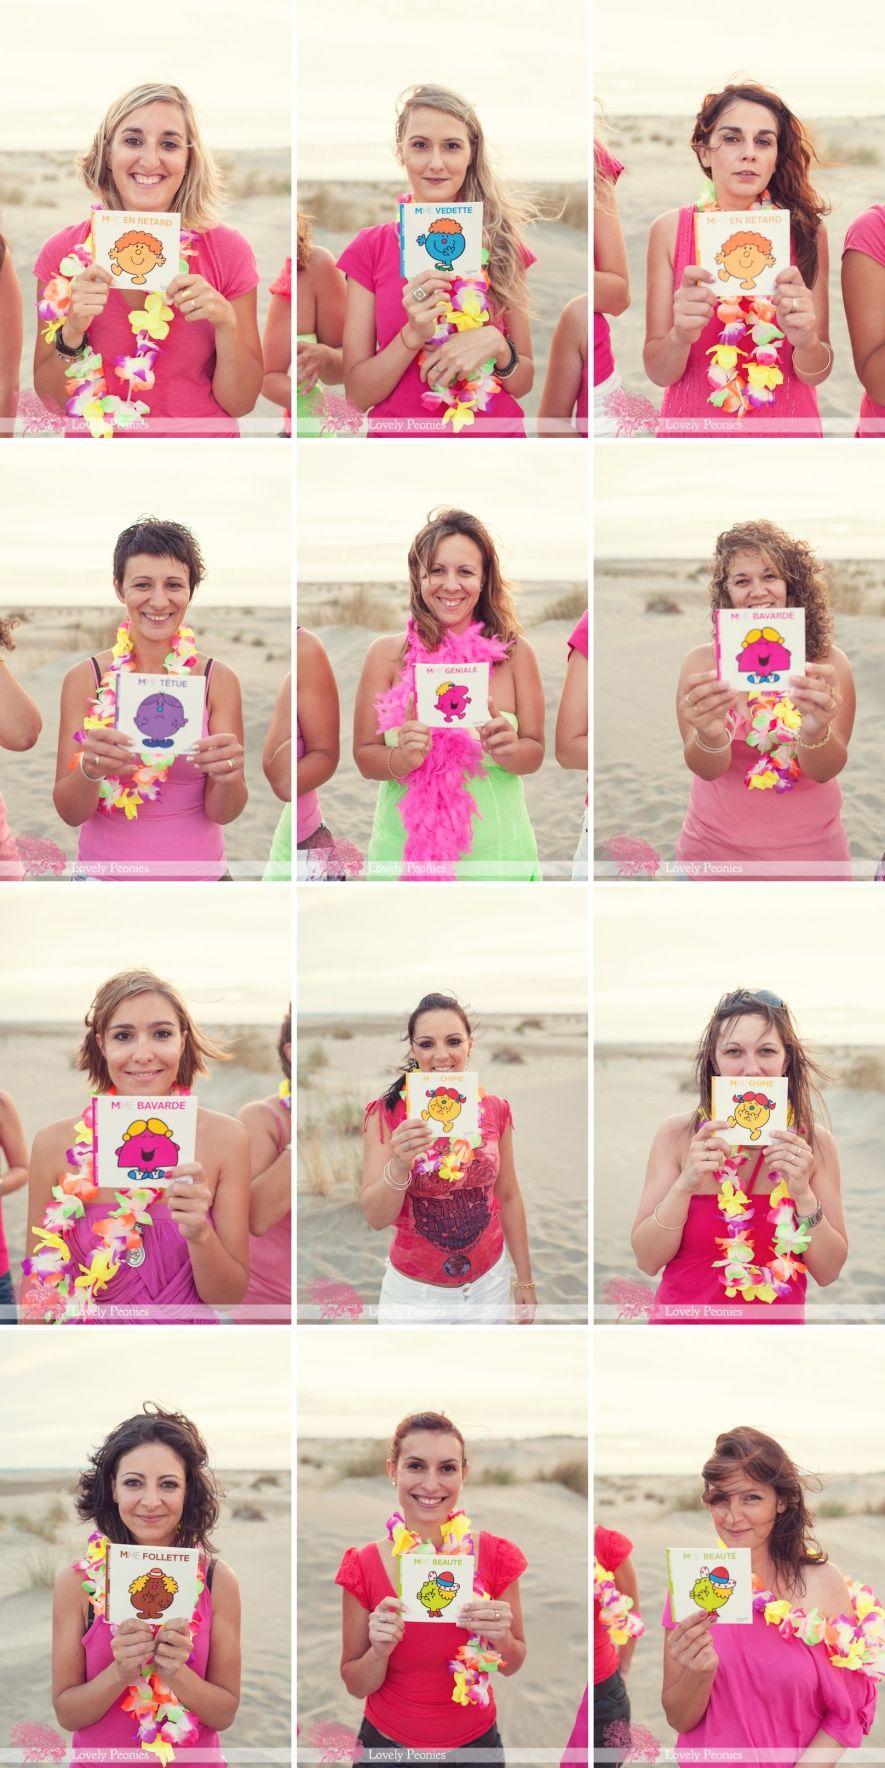 Séance photo entre copines sur la plage   mariage   Pinterest ...